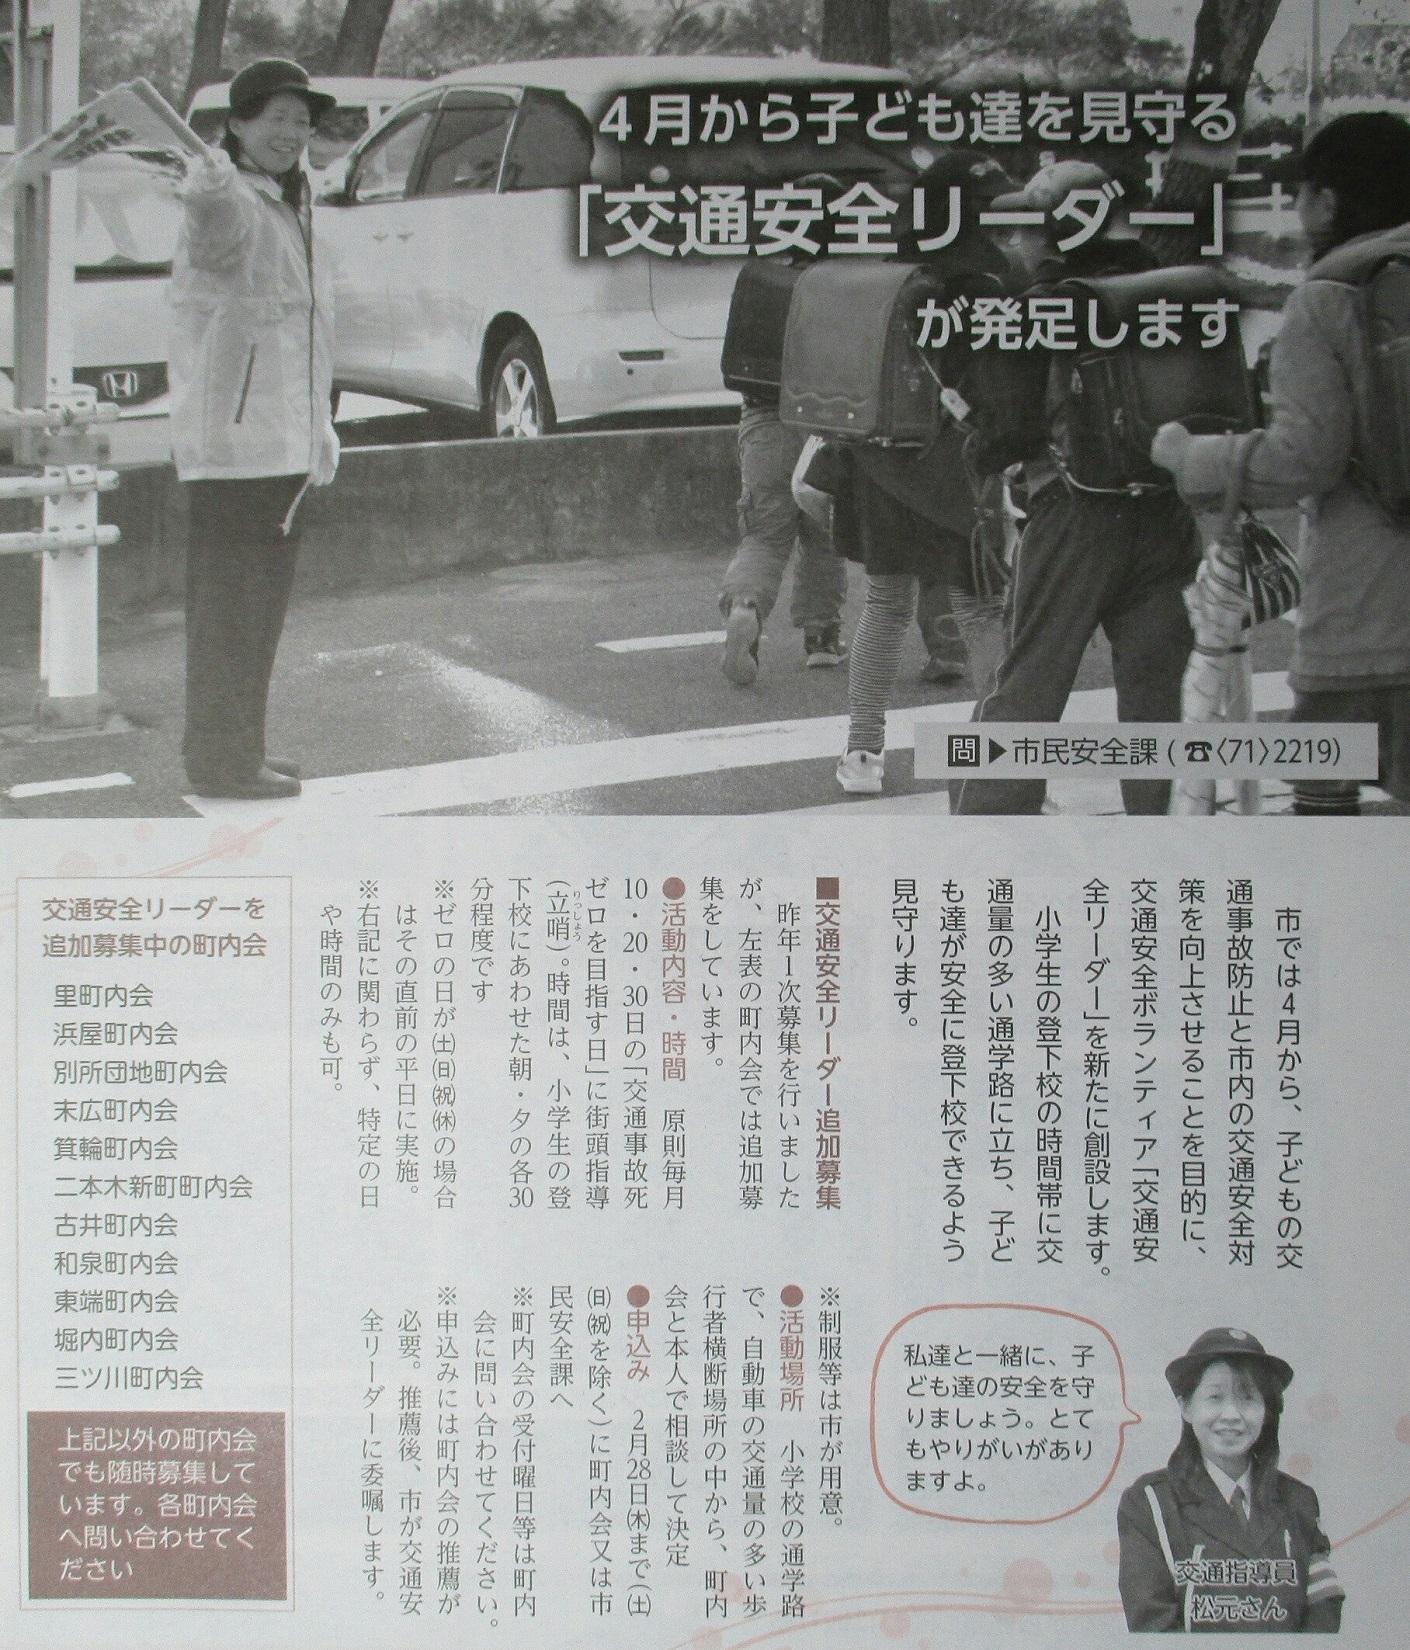 交通安全リーダー発足(広報あんじょう 2019.1.1) 1410-1650